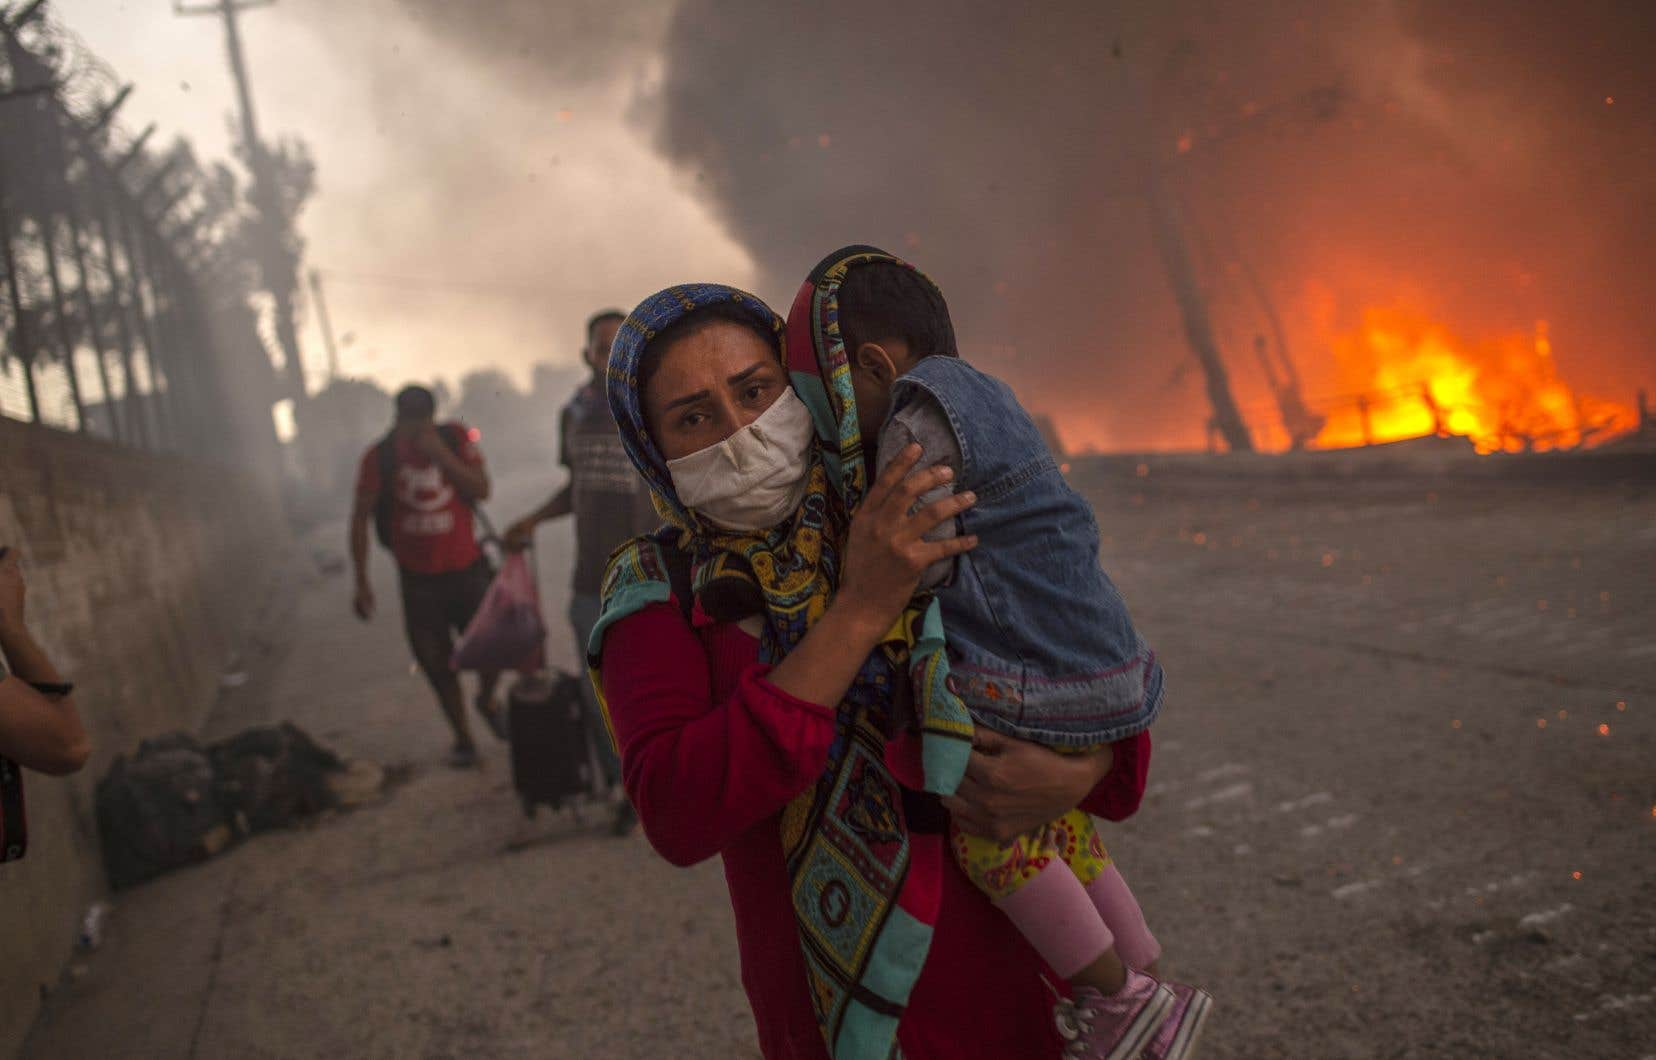 Des milliers d'hommes, de femmes et d'enfants sont sortis paniqués des tentes et des conteneurs, certains se réfugiant dans les champs environnants.